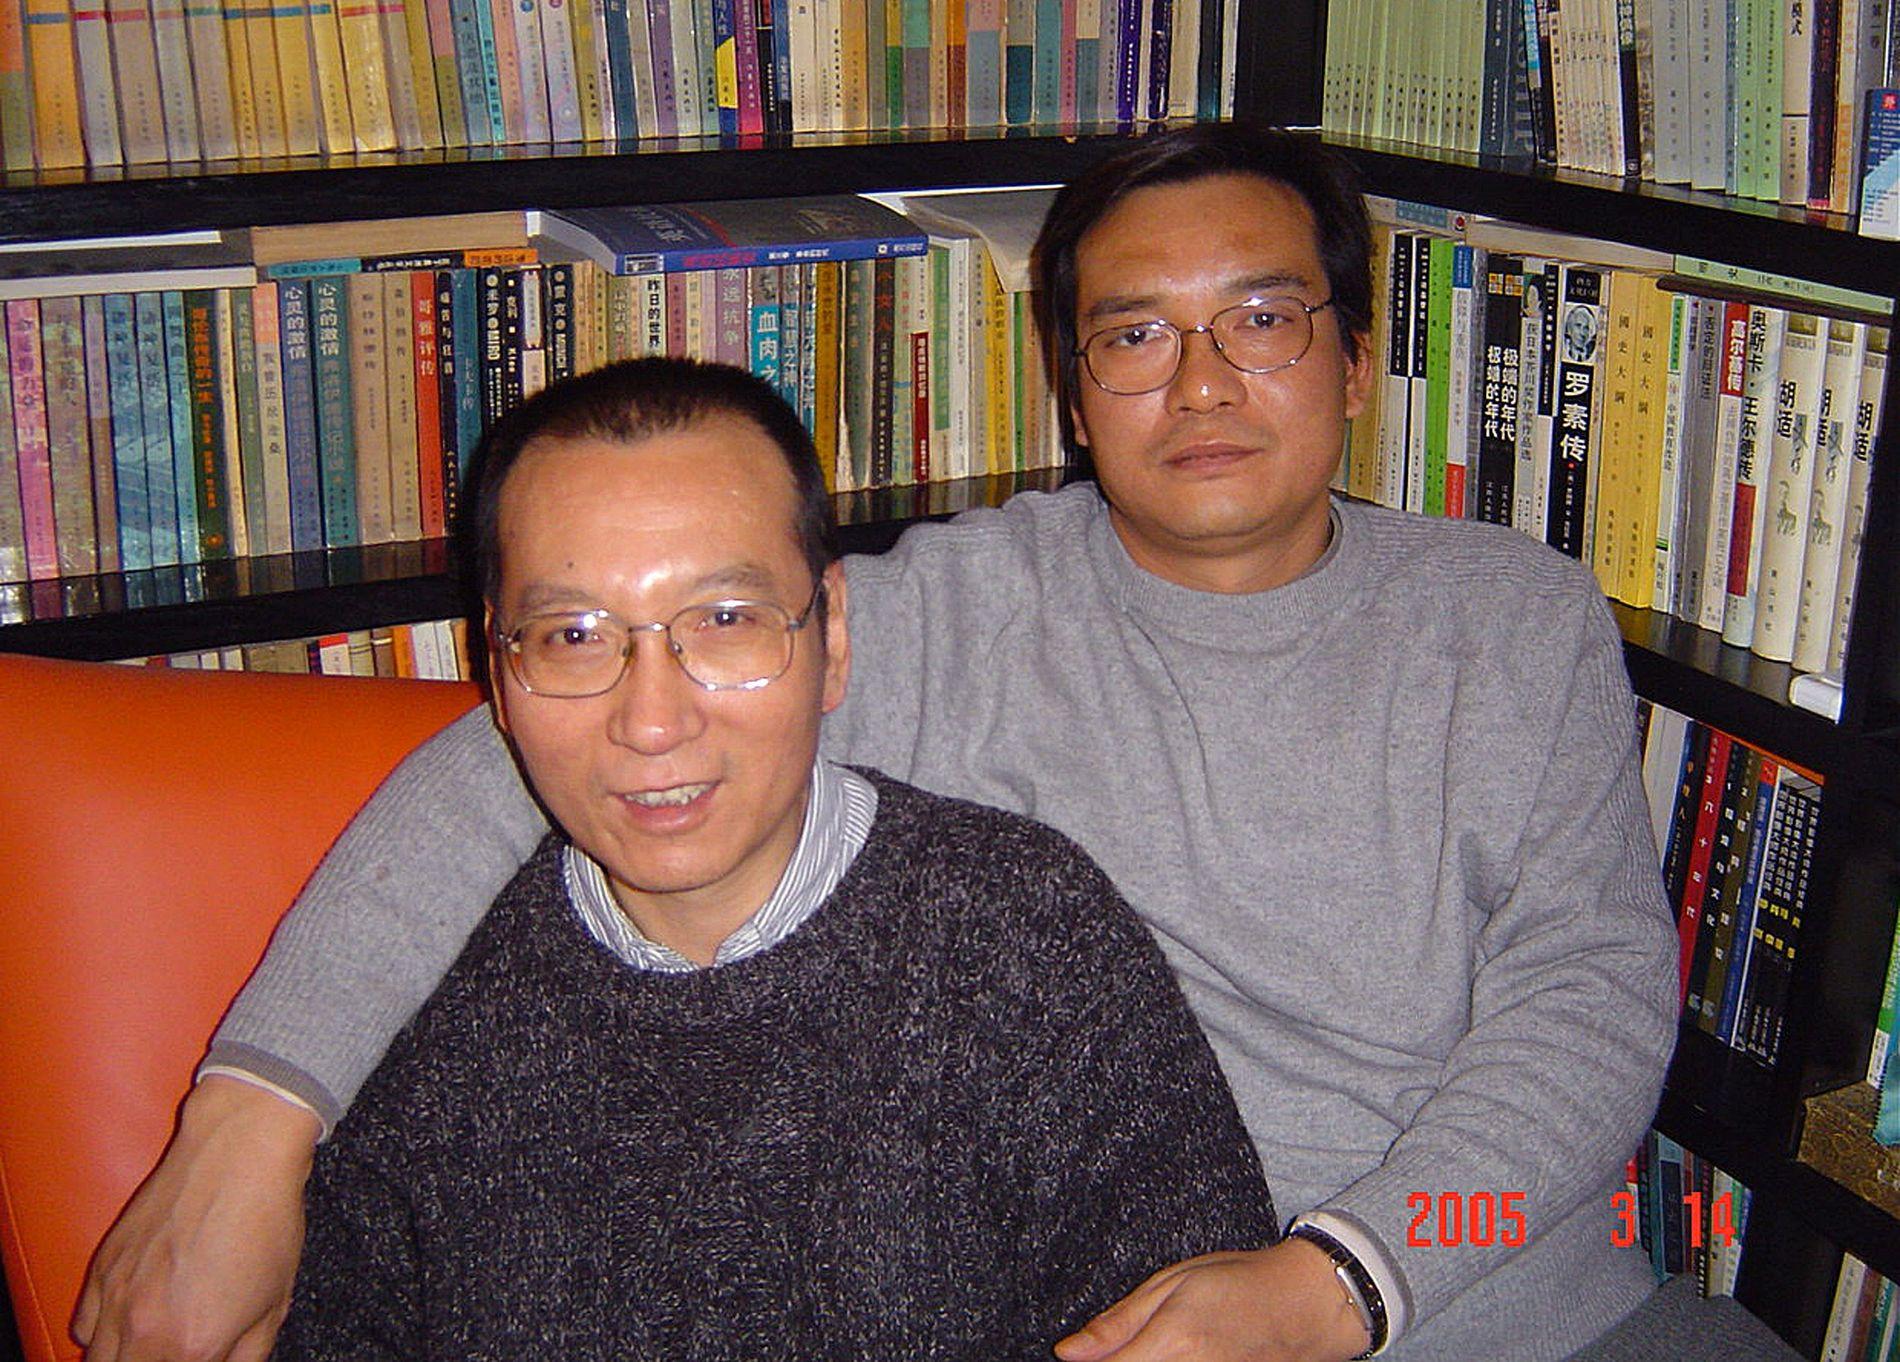 BRØDRE: Dette bildet av Liu Xiaobo (t.v.) og broren Liu Xiaoxuan (t.h.) har blitt gitt ut av familien. Bildet er tatt i 2005 i Guangzhou i sørlige Kina.